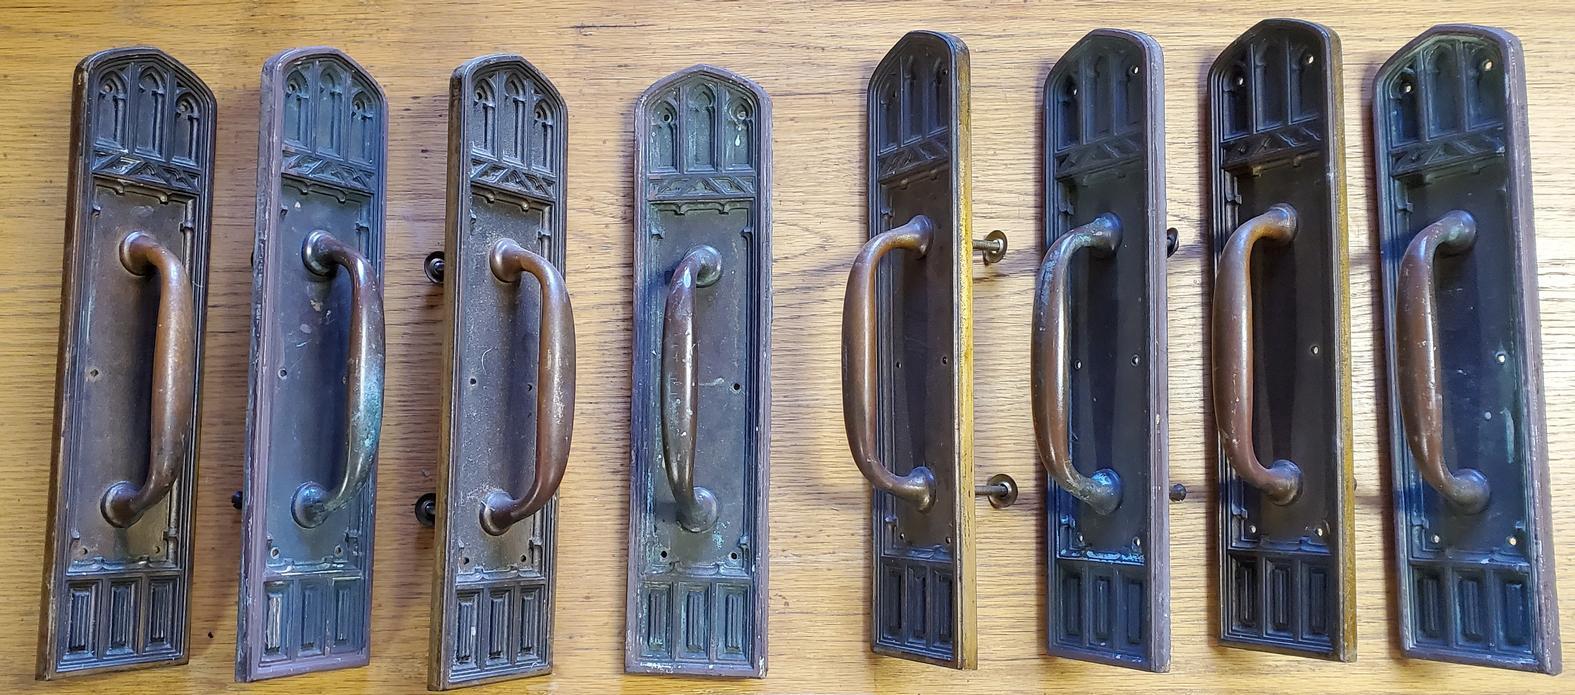 Gothic Door Pull Handle-s Hardware